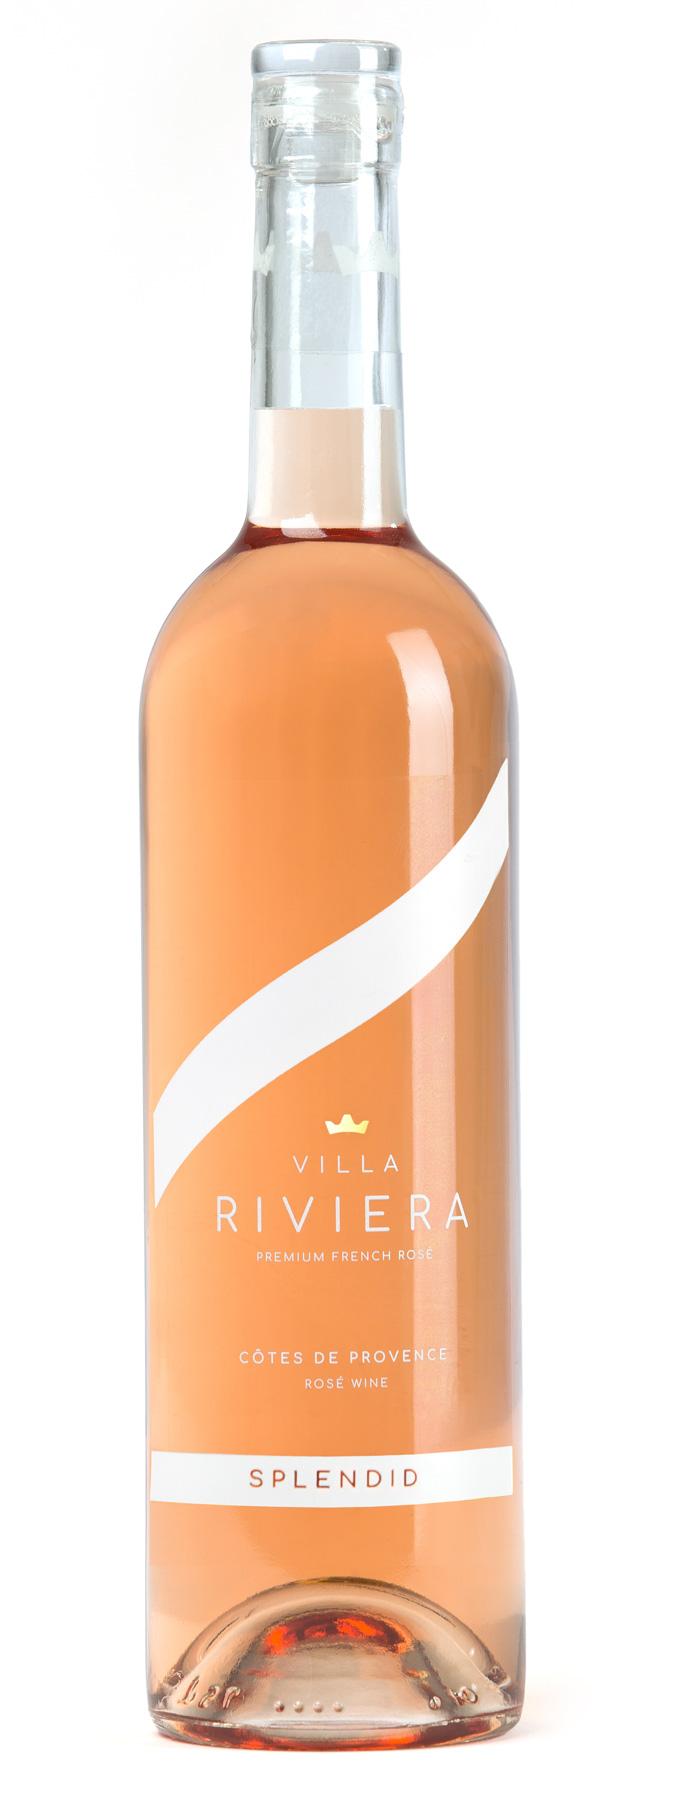 Villa Riviera Splendid